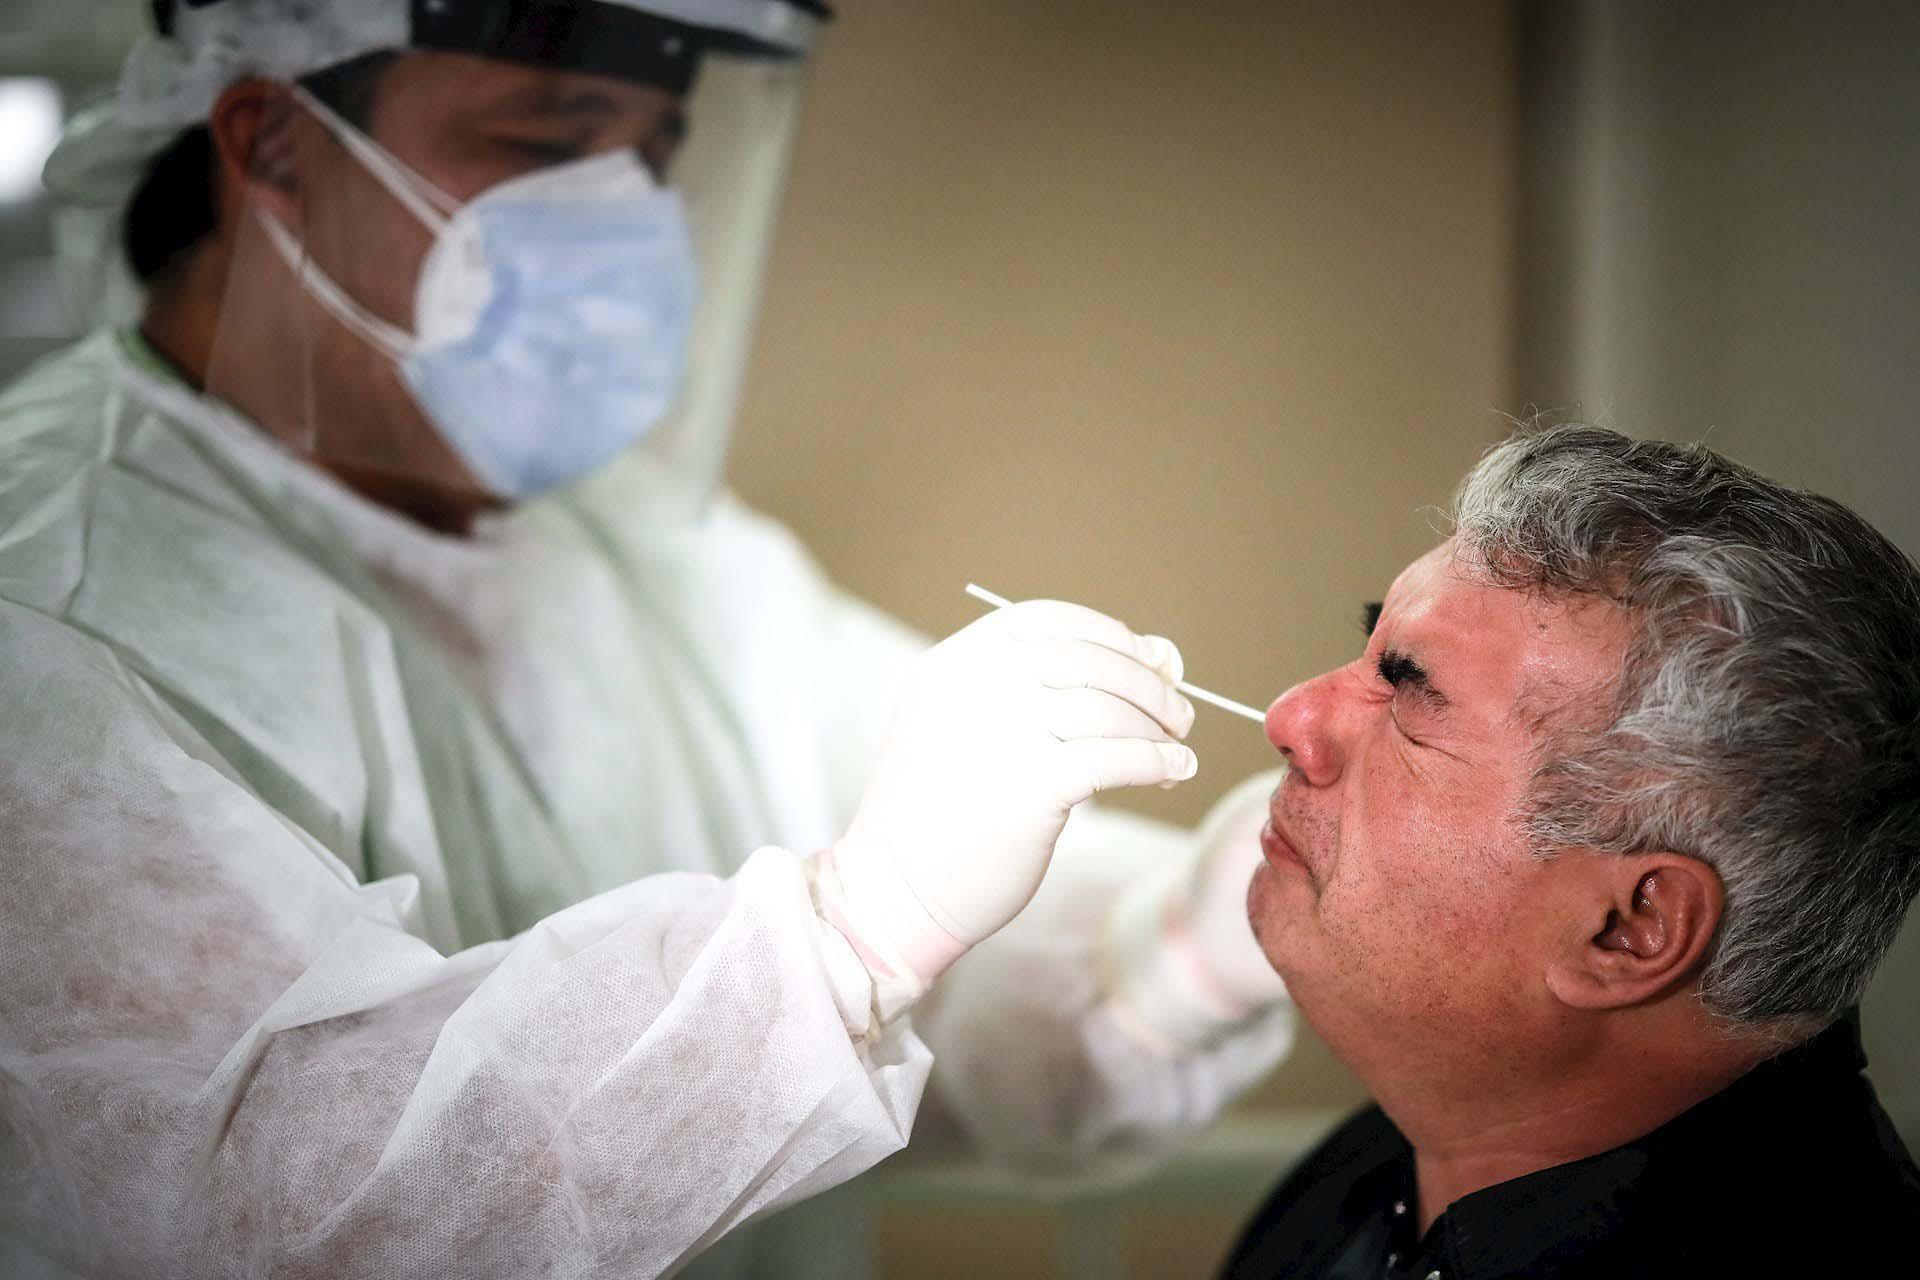 Un especialista realiza una prueba de COVID-19 en el Hospital de Agudos de Ezeiza, en la Provincia de Buenos Aires